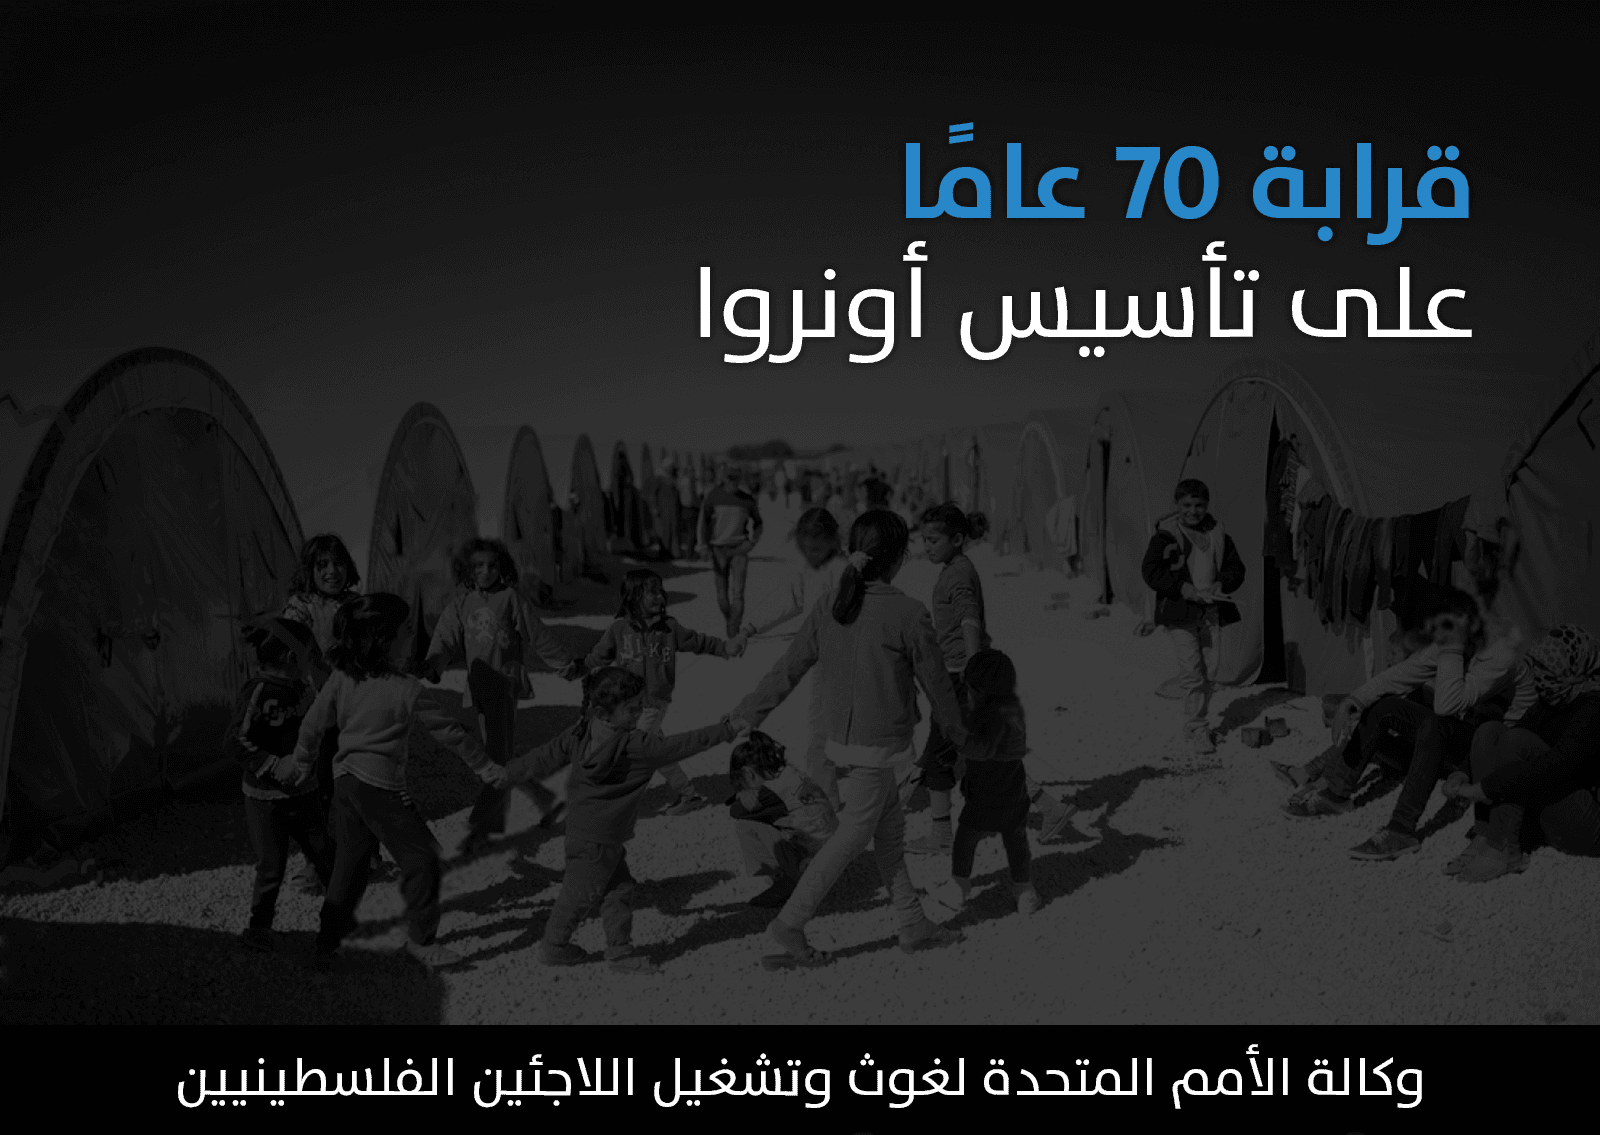 تقليص الأونروا خدماتها للاجئين الفلسطينيين